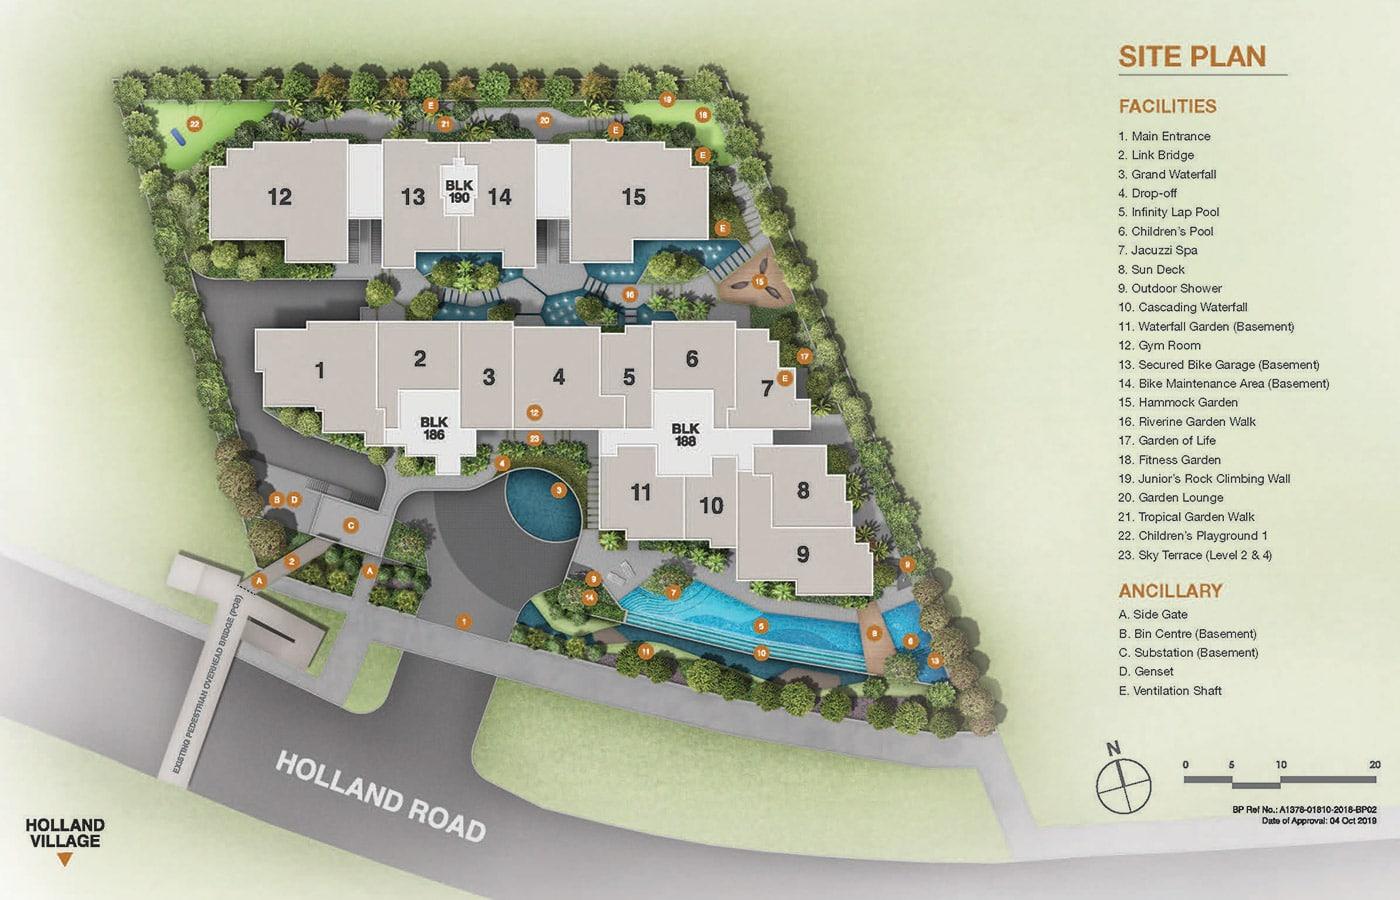 Van Holland Condo Facilities - Site Plan